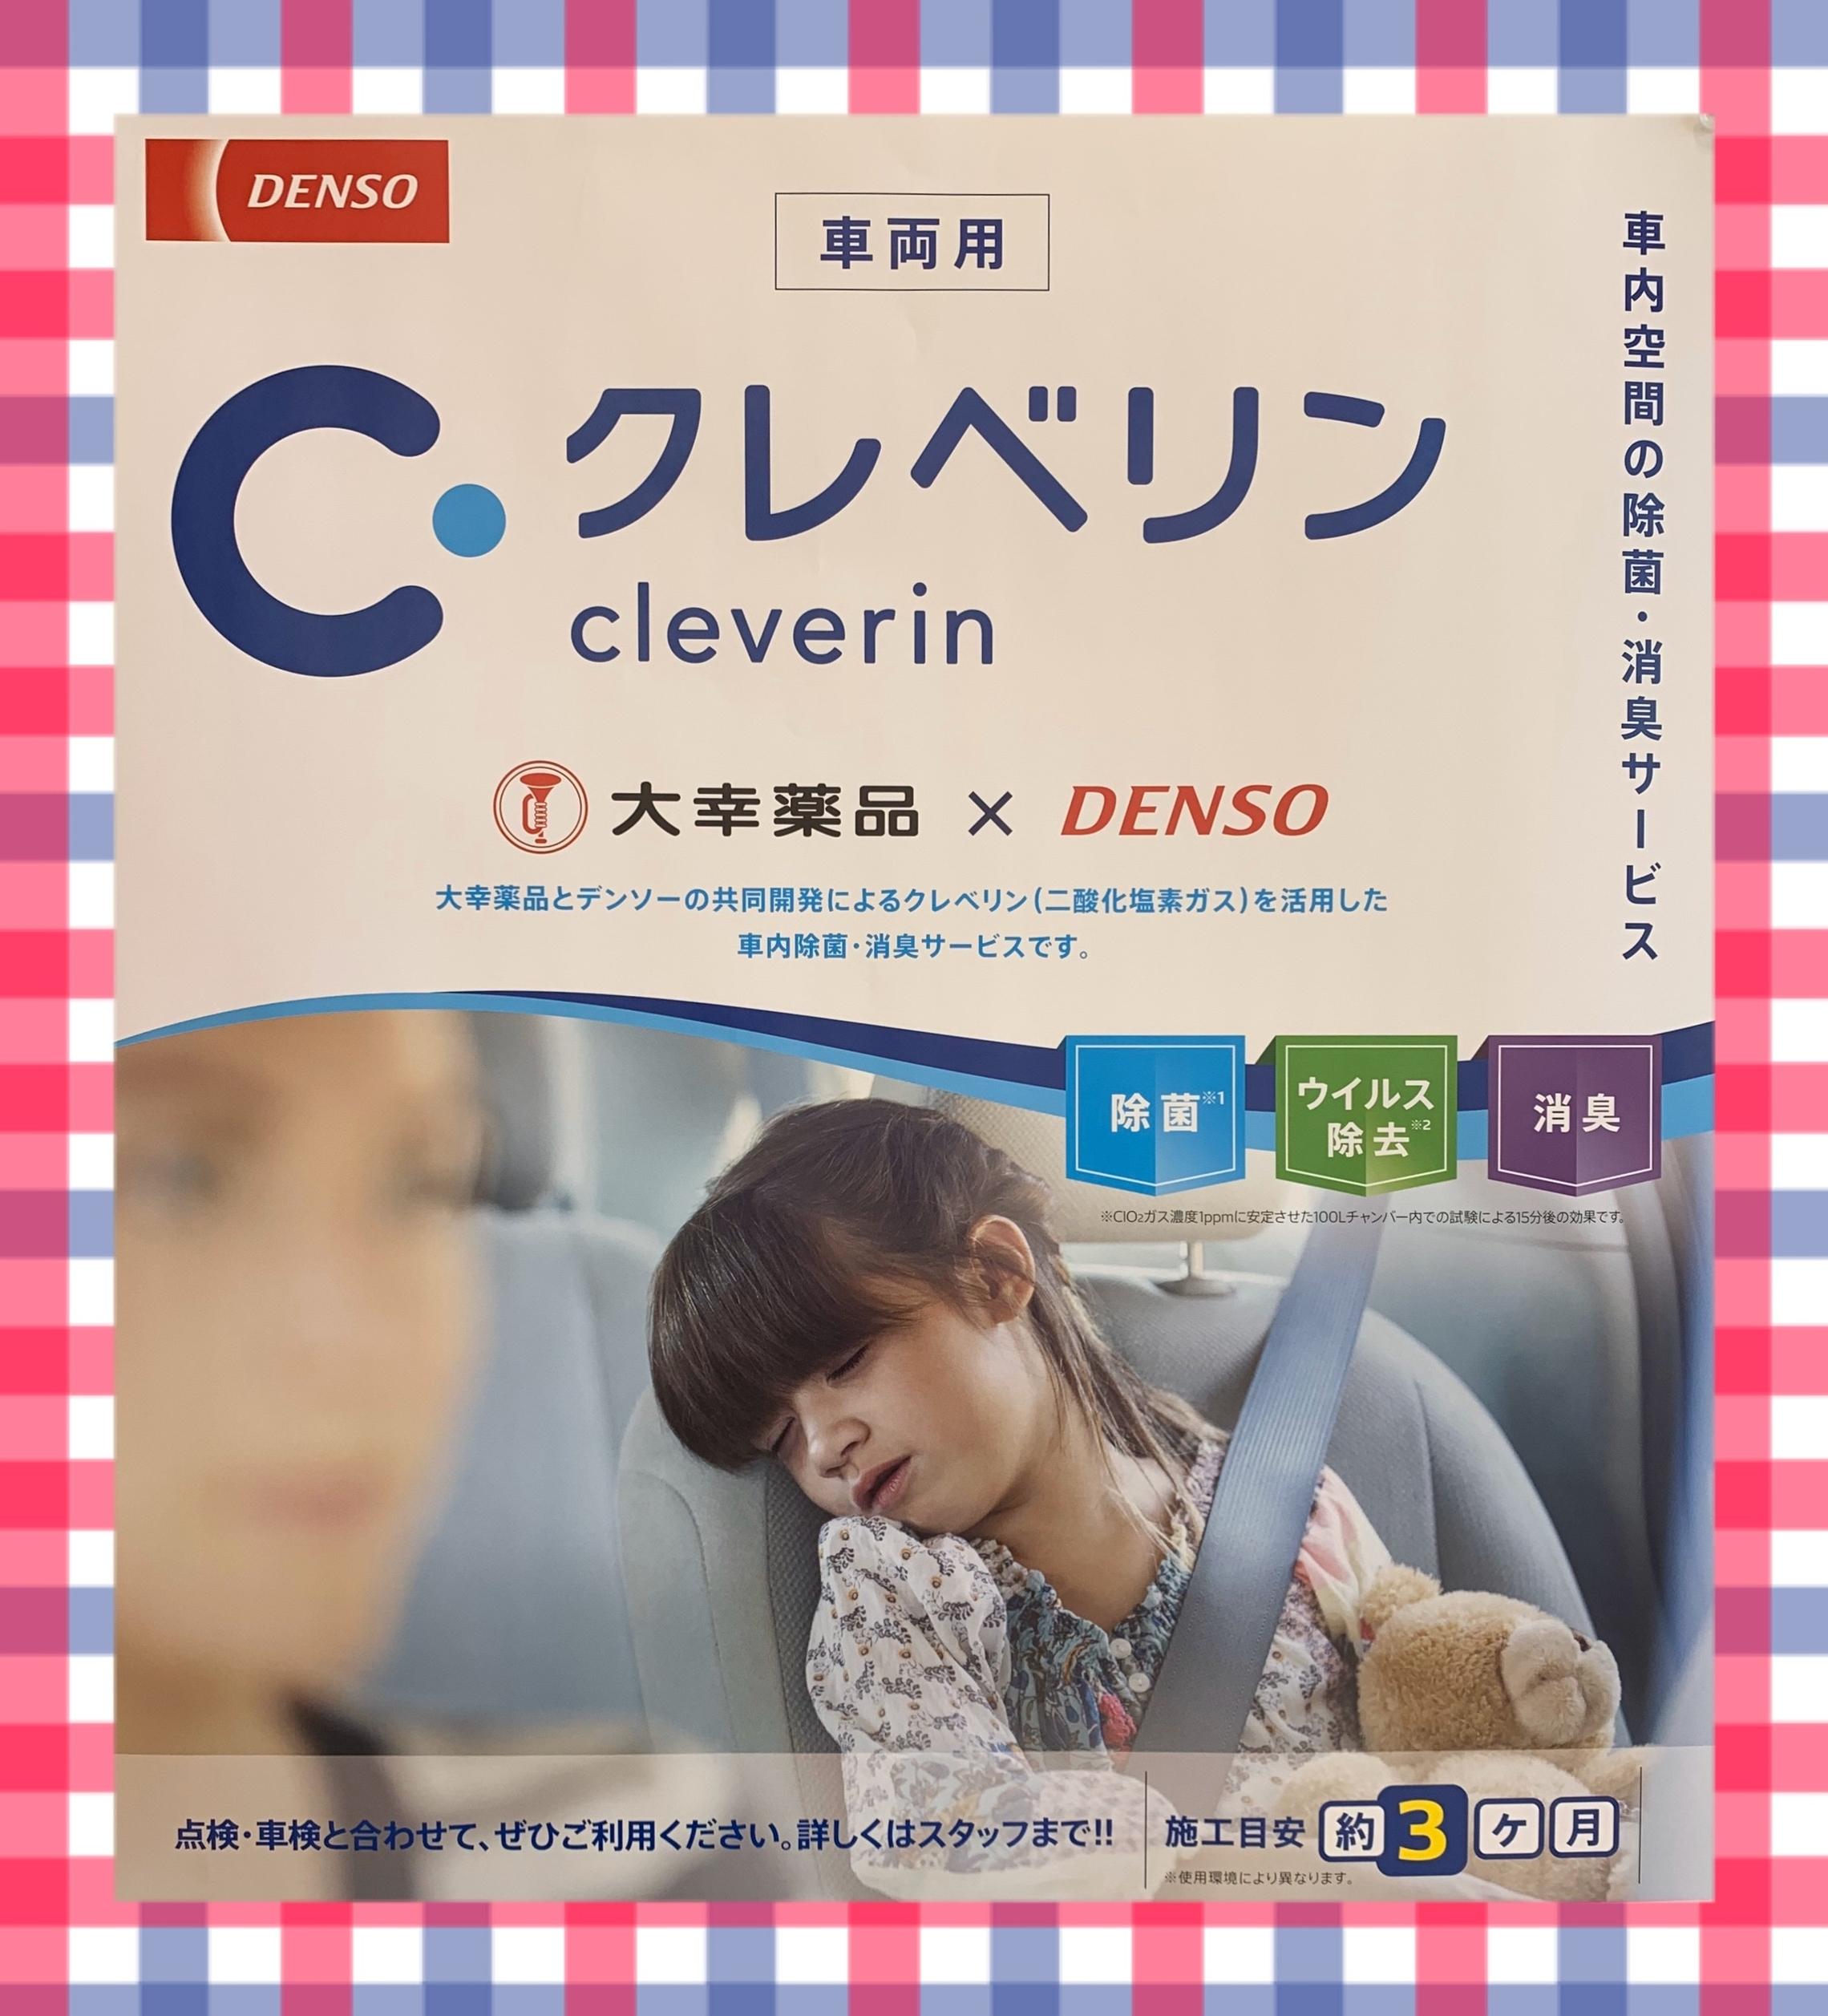 コロナ 効果 クレベリン